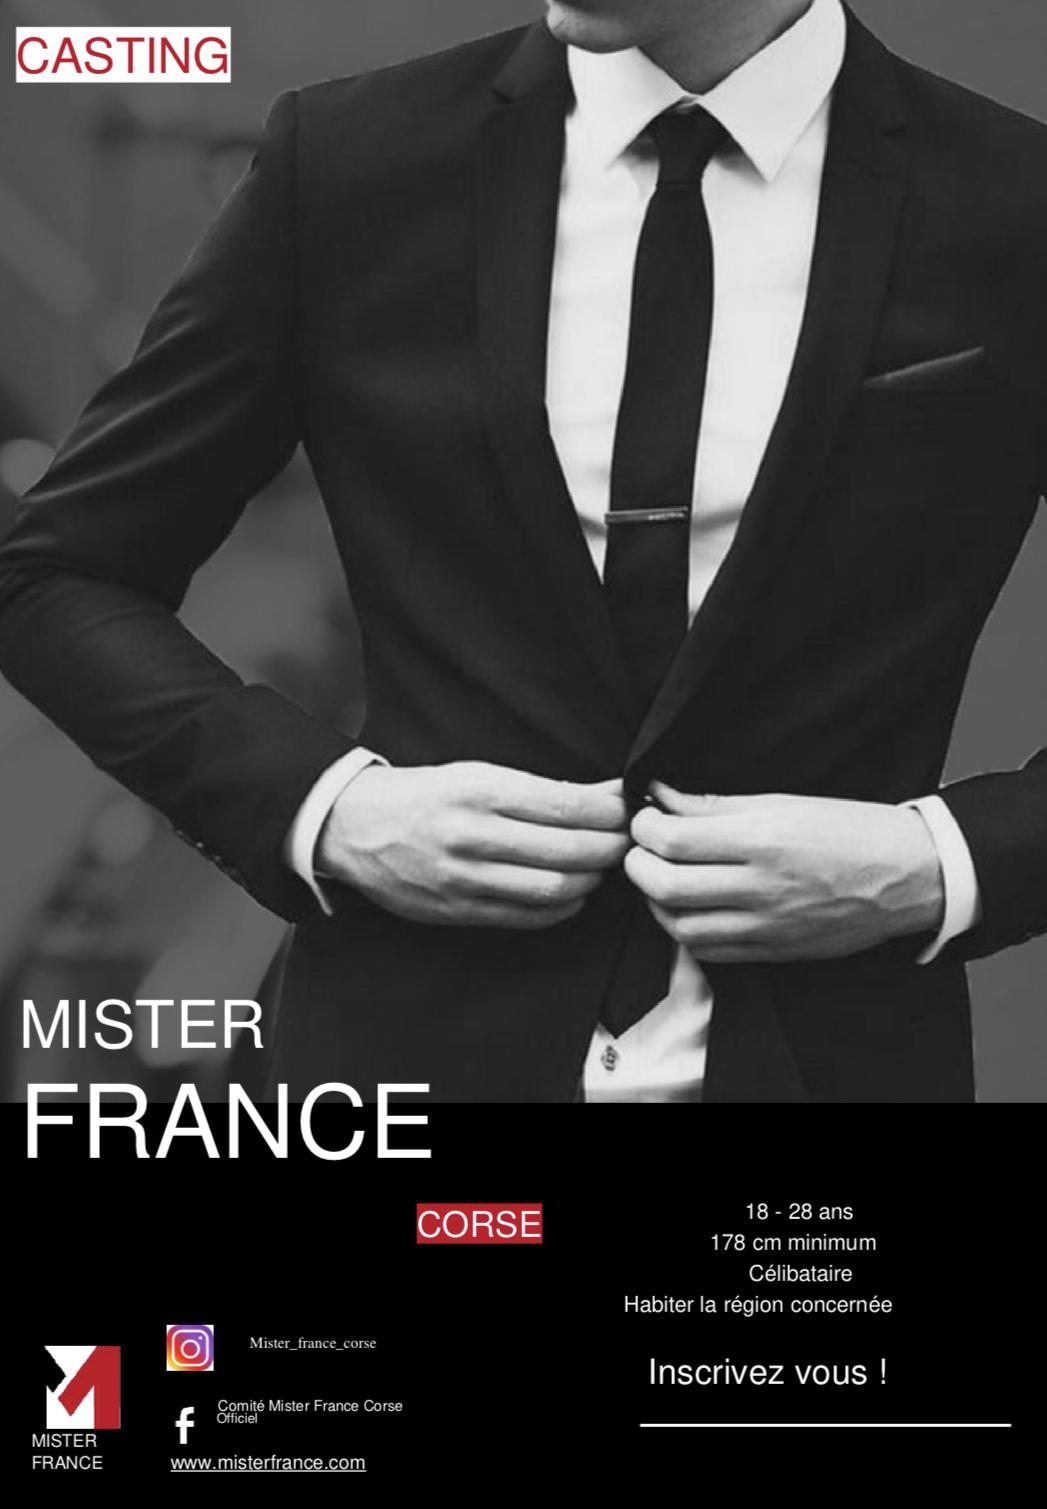 Qui sera le nouveau Mister France ? Les inscriptions sont ouvertes en Corse